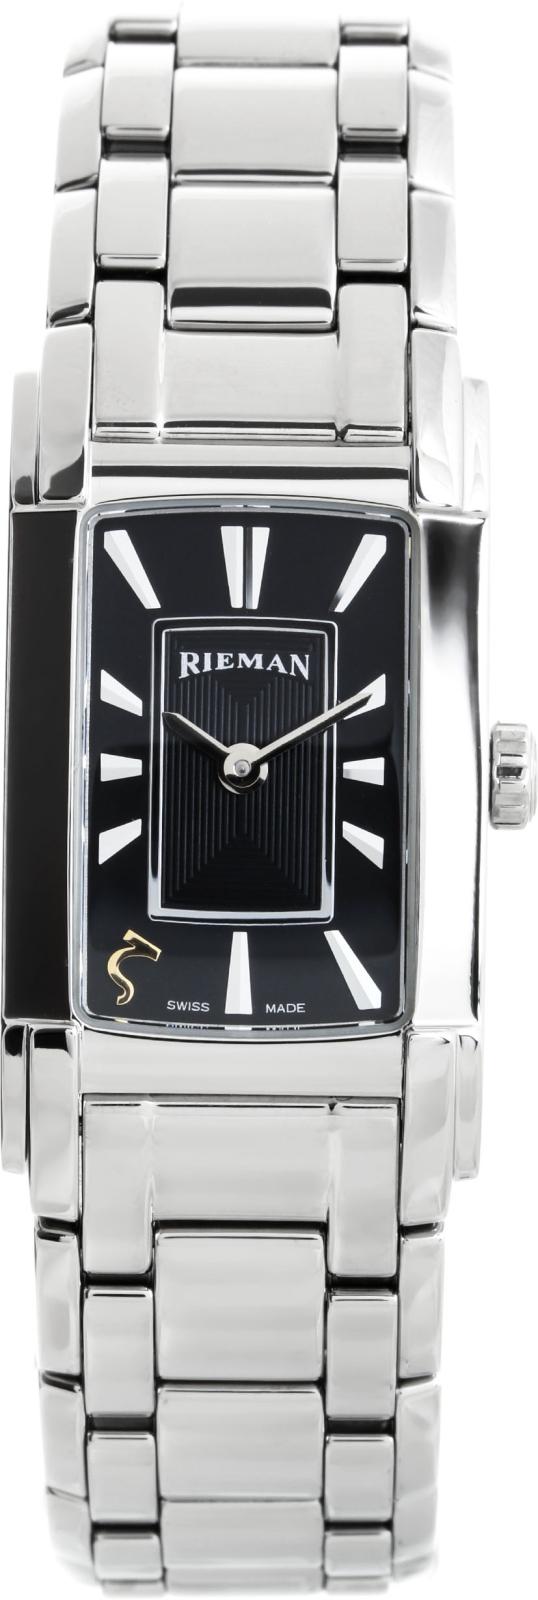 Rieman Integrale Ladies R6440.134.012Наручные часы<br>Швейцарские часы Rieman Integrale Ladies R6440.134.012Представленная модель входит в коллекцию Integrale Ladies. Это стильные женские часы. Материал корпуса часов — сталь. В этих часах используется сапфировое стекло. Часы этой модели обладают водозащитой 30 м. Основной цвет циферблата черный. Циферблат часов содержит часы, минуты. В данной модели используются следующие усложнения: . Диаметр корпуса часов составляет 21х41мм.<br><br>Пол: Женские<br>Страна-производитель: Швейцария<br>Механизм: Кварцевый<br>Материал корпуса: Сталь<br>Материал ремня/браслета: Сталь<br>Водозащита, диапазон: 20 - 100 м<br>Стекло: Сапфировое<br>Толщина корпуса: None<br>Стиль: Классика